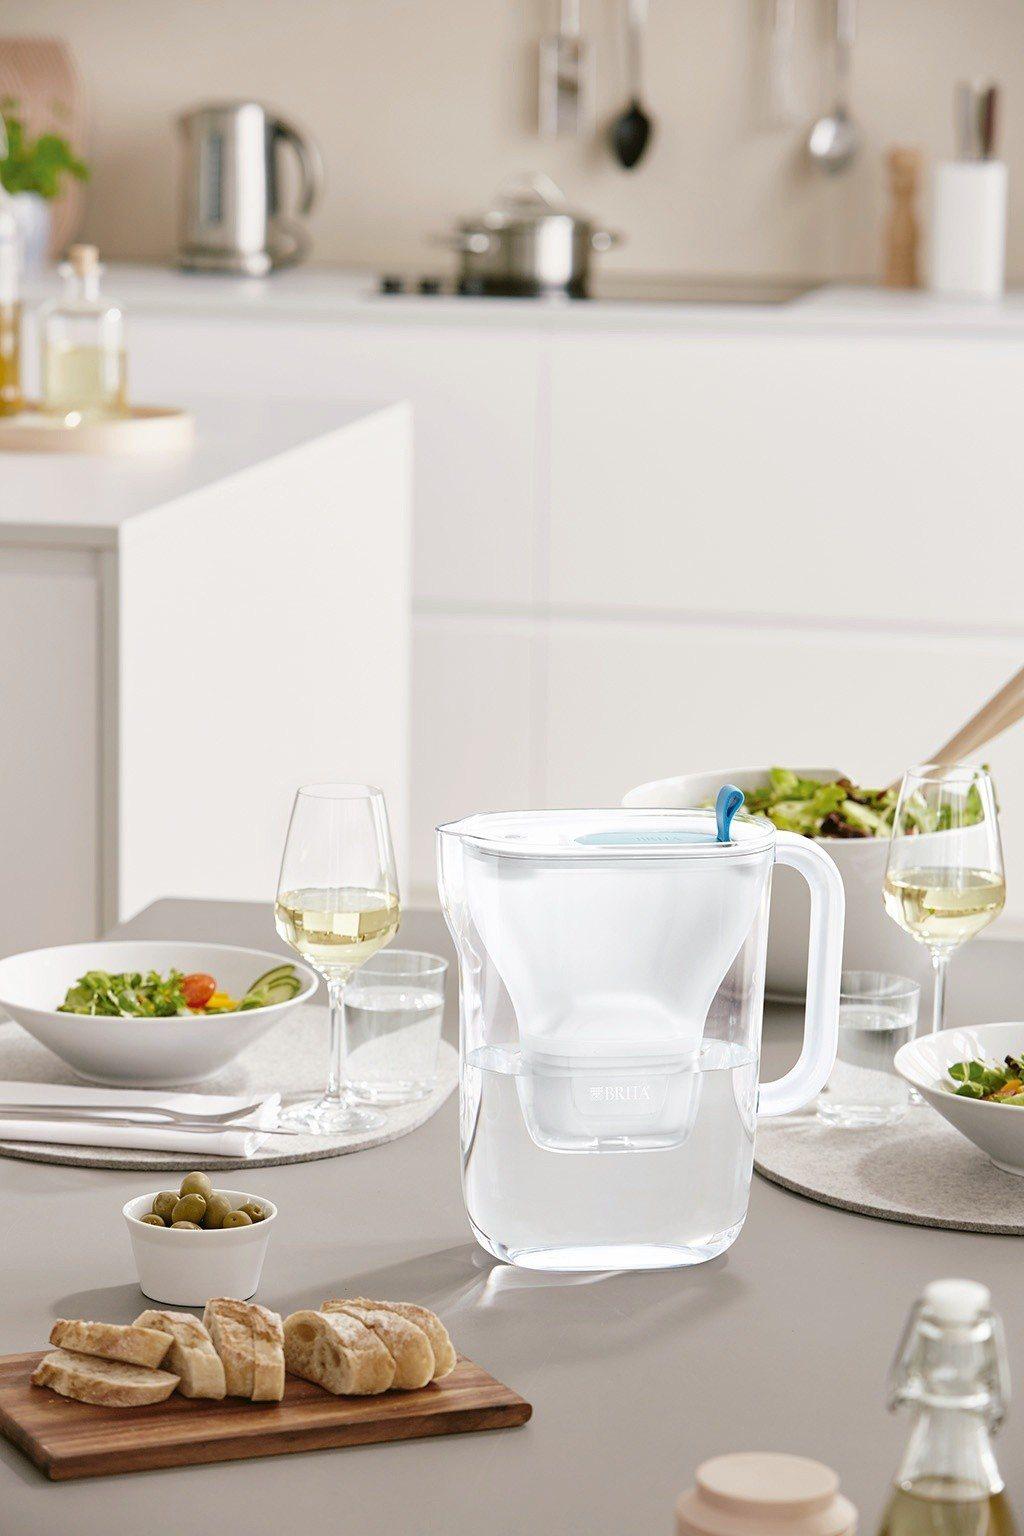 BRITA每個濾水壺生產過程的碳足跡(碳排放量)僅為等量瓶裝水的3.6%,光是2...